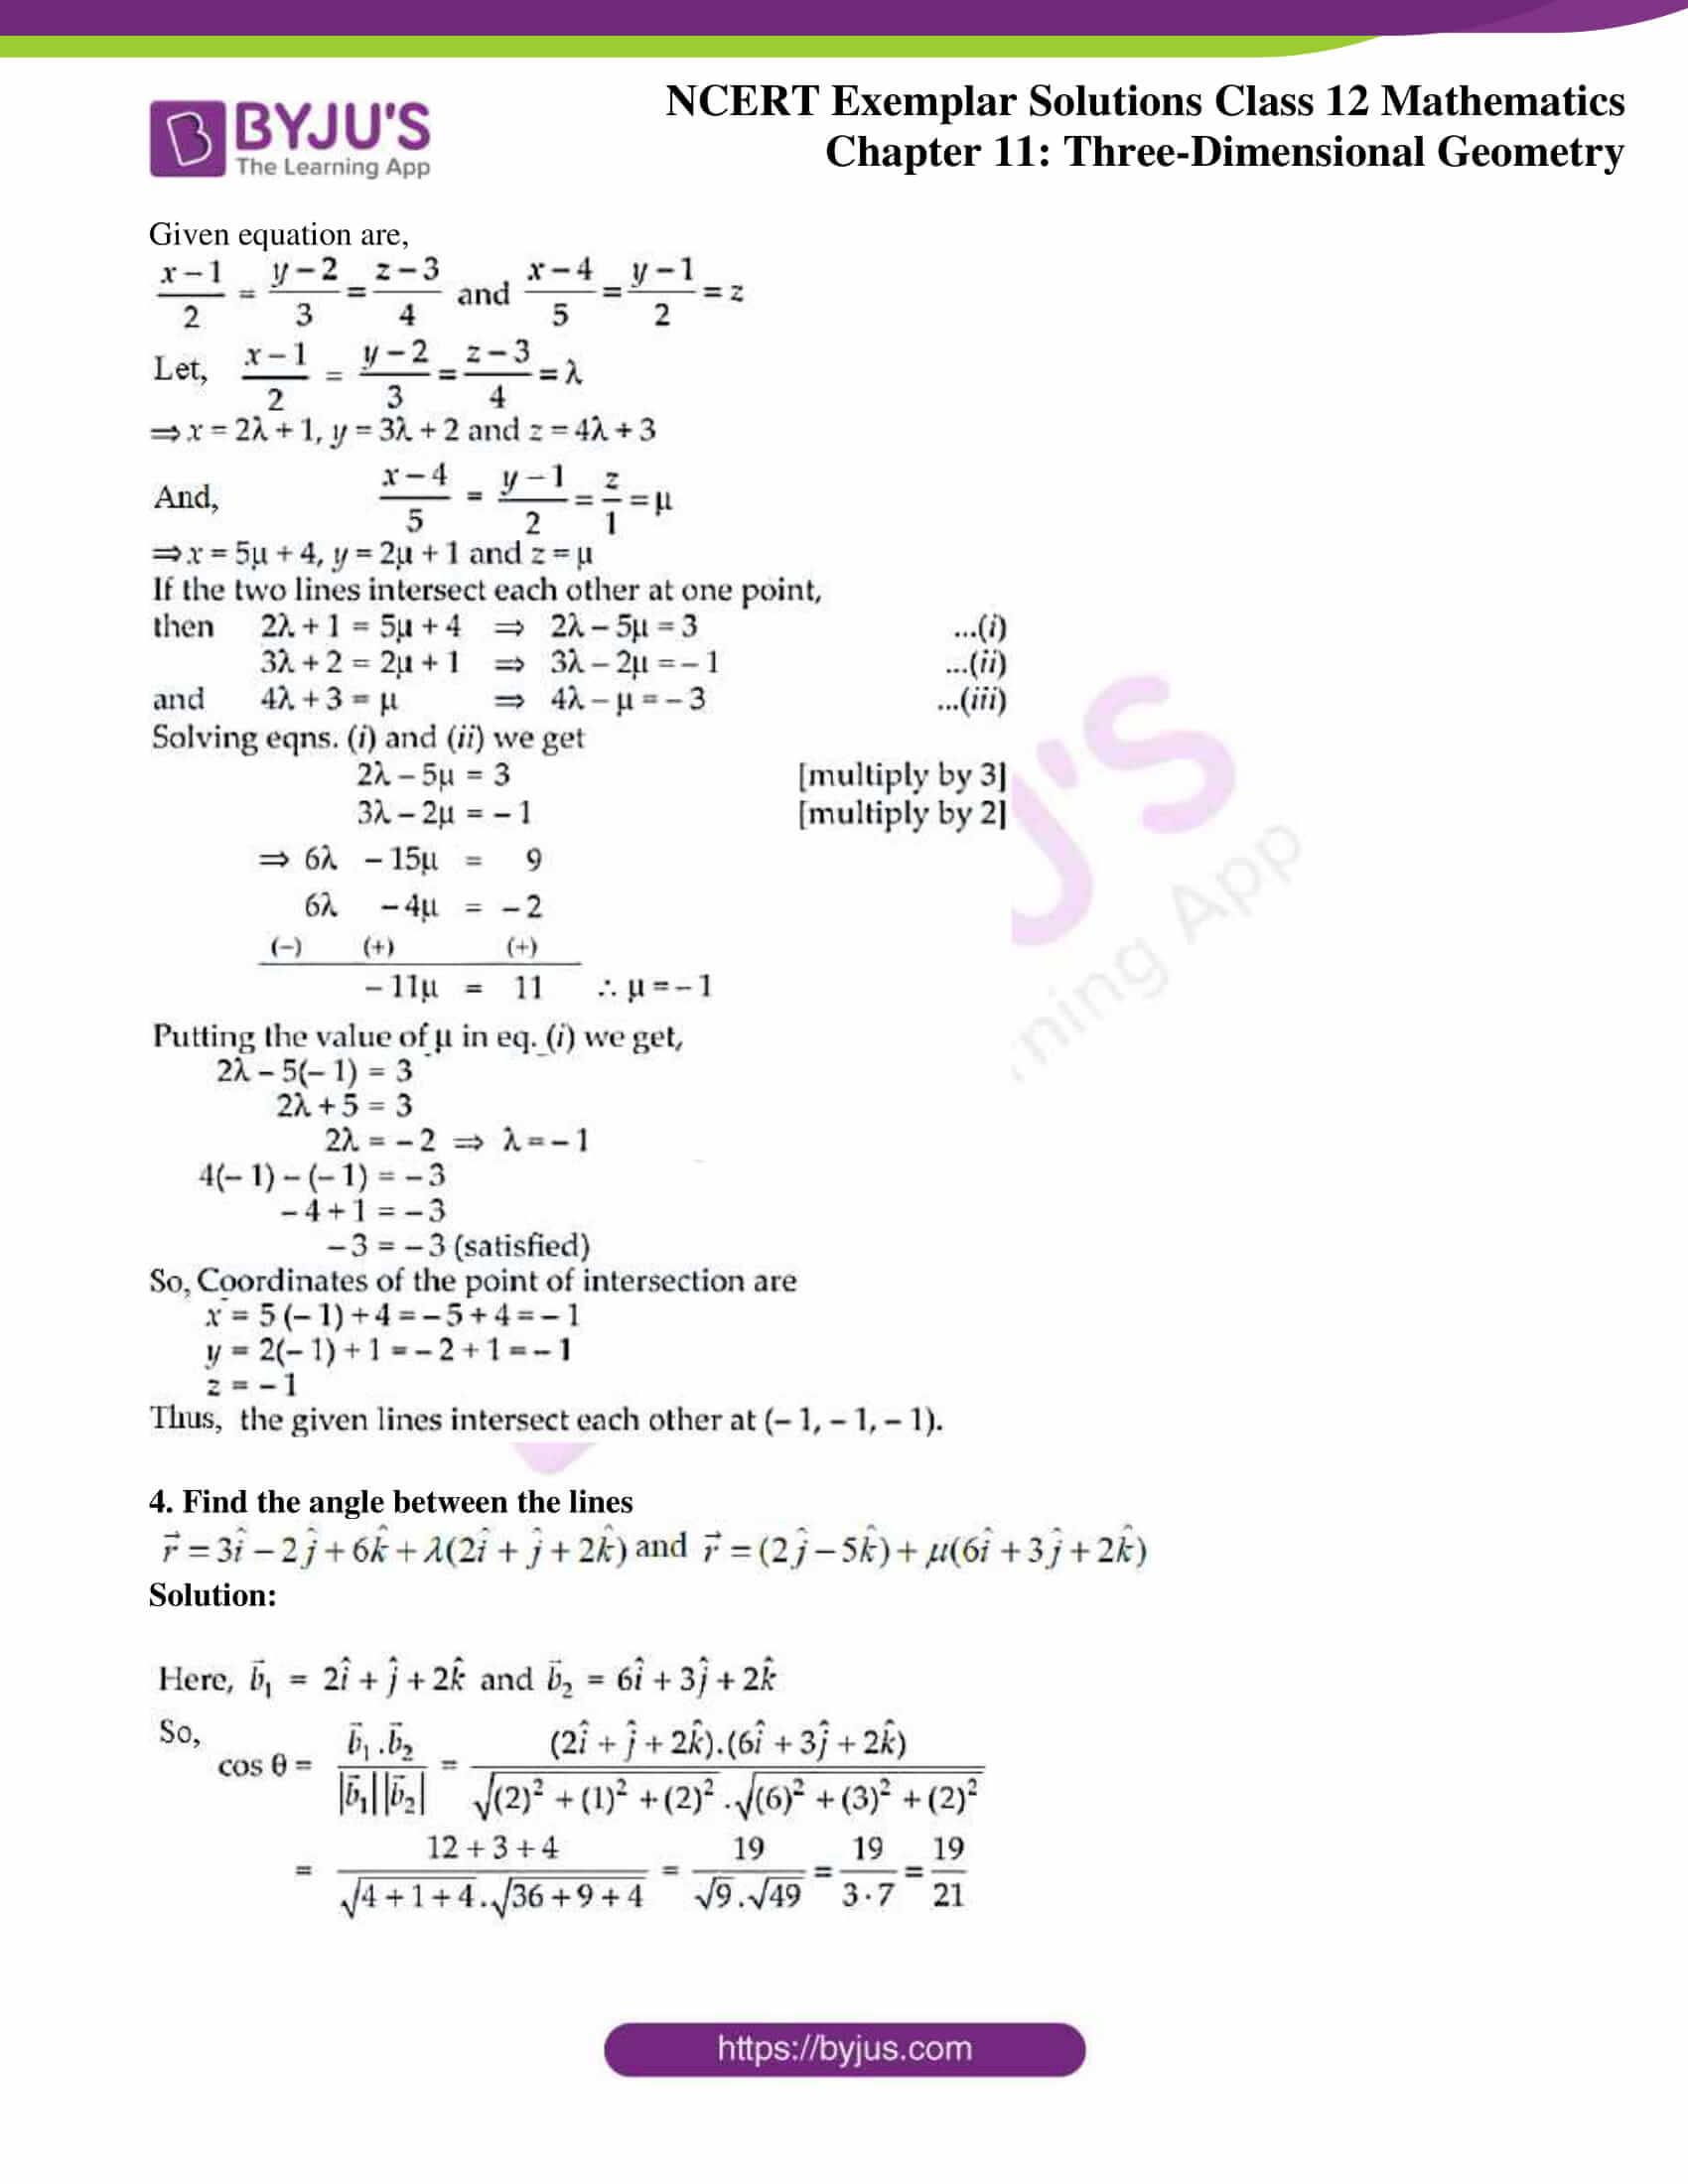 ncert exemplar sol class 12 mathematics ch 11 02